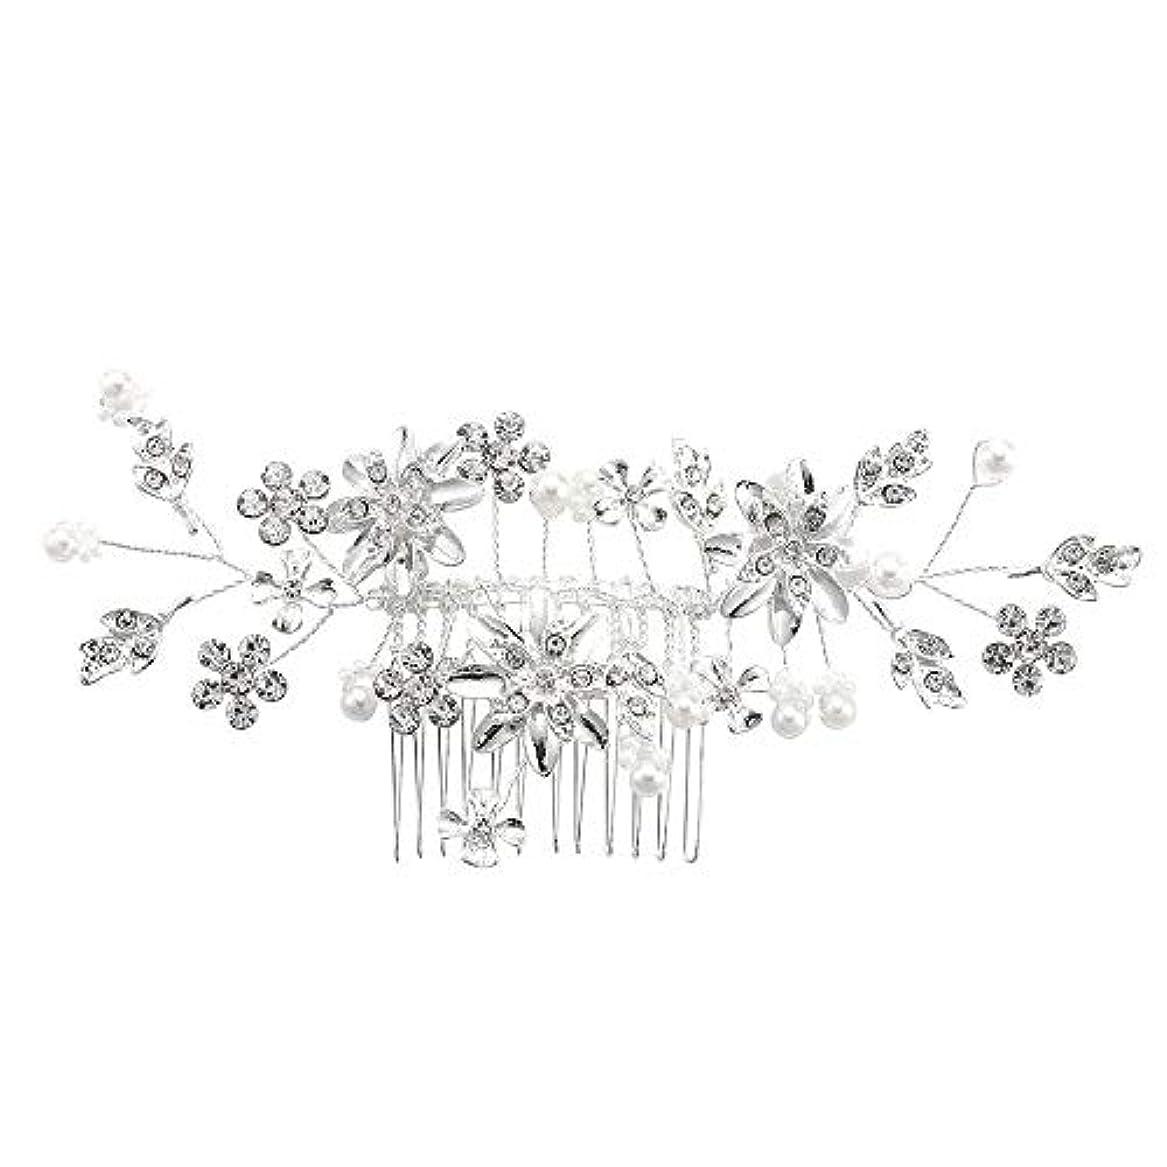 ベアリングサークル記述する比類なき髪の櫛、櫛、合金、ラインストーンの櫛、真珠の髪の櫛、ブライダル髪の櫛、結婚式の髪の櫛